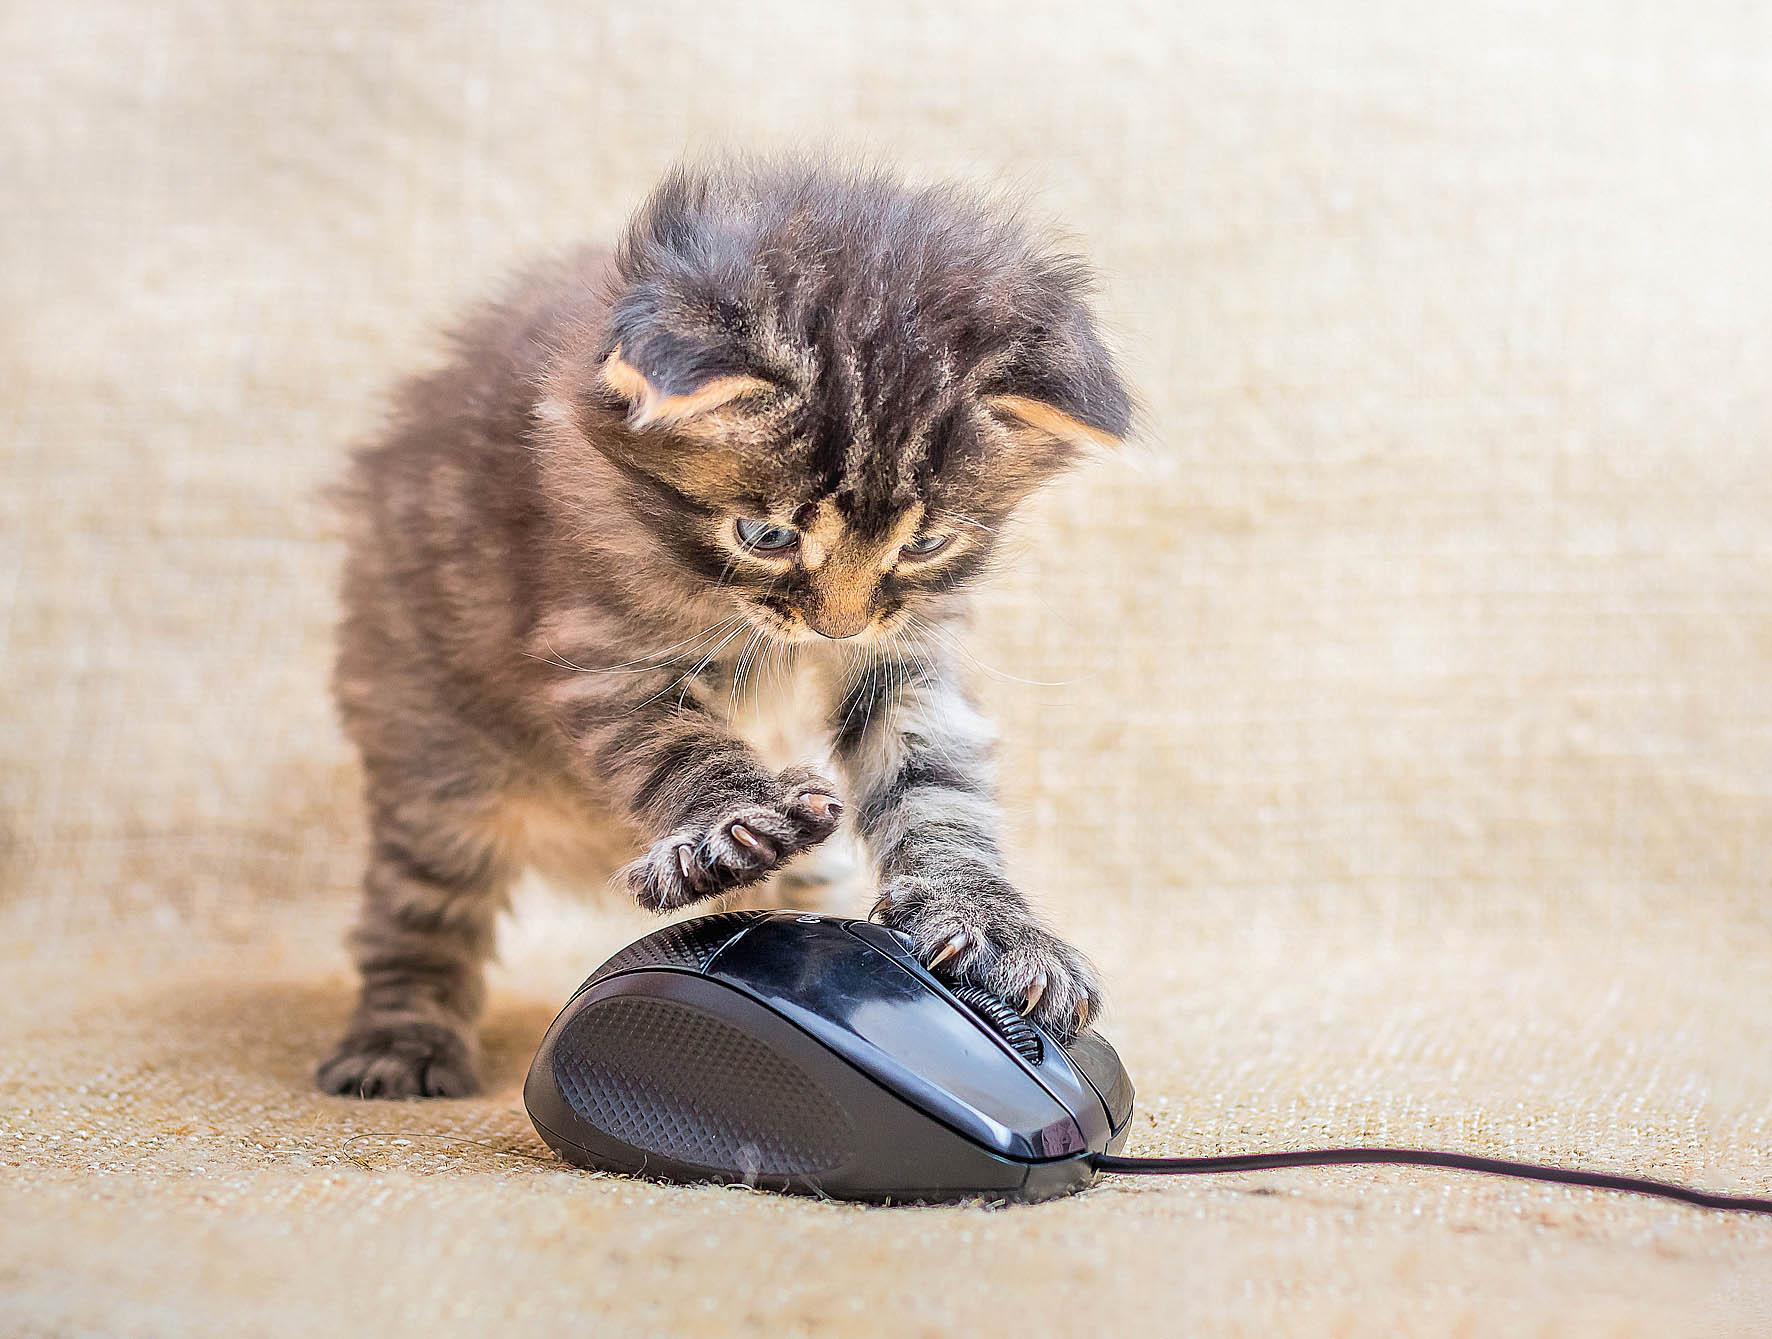 S kočkou se to zdá být jednodušší, protože z ní obvykle lidé strach nemívají.